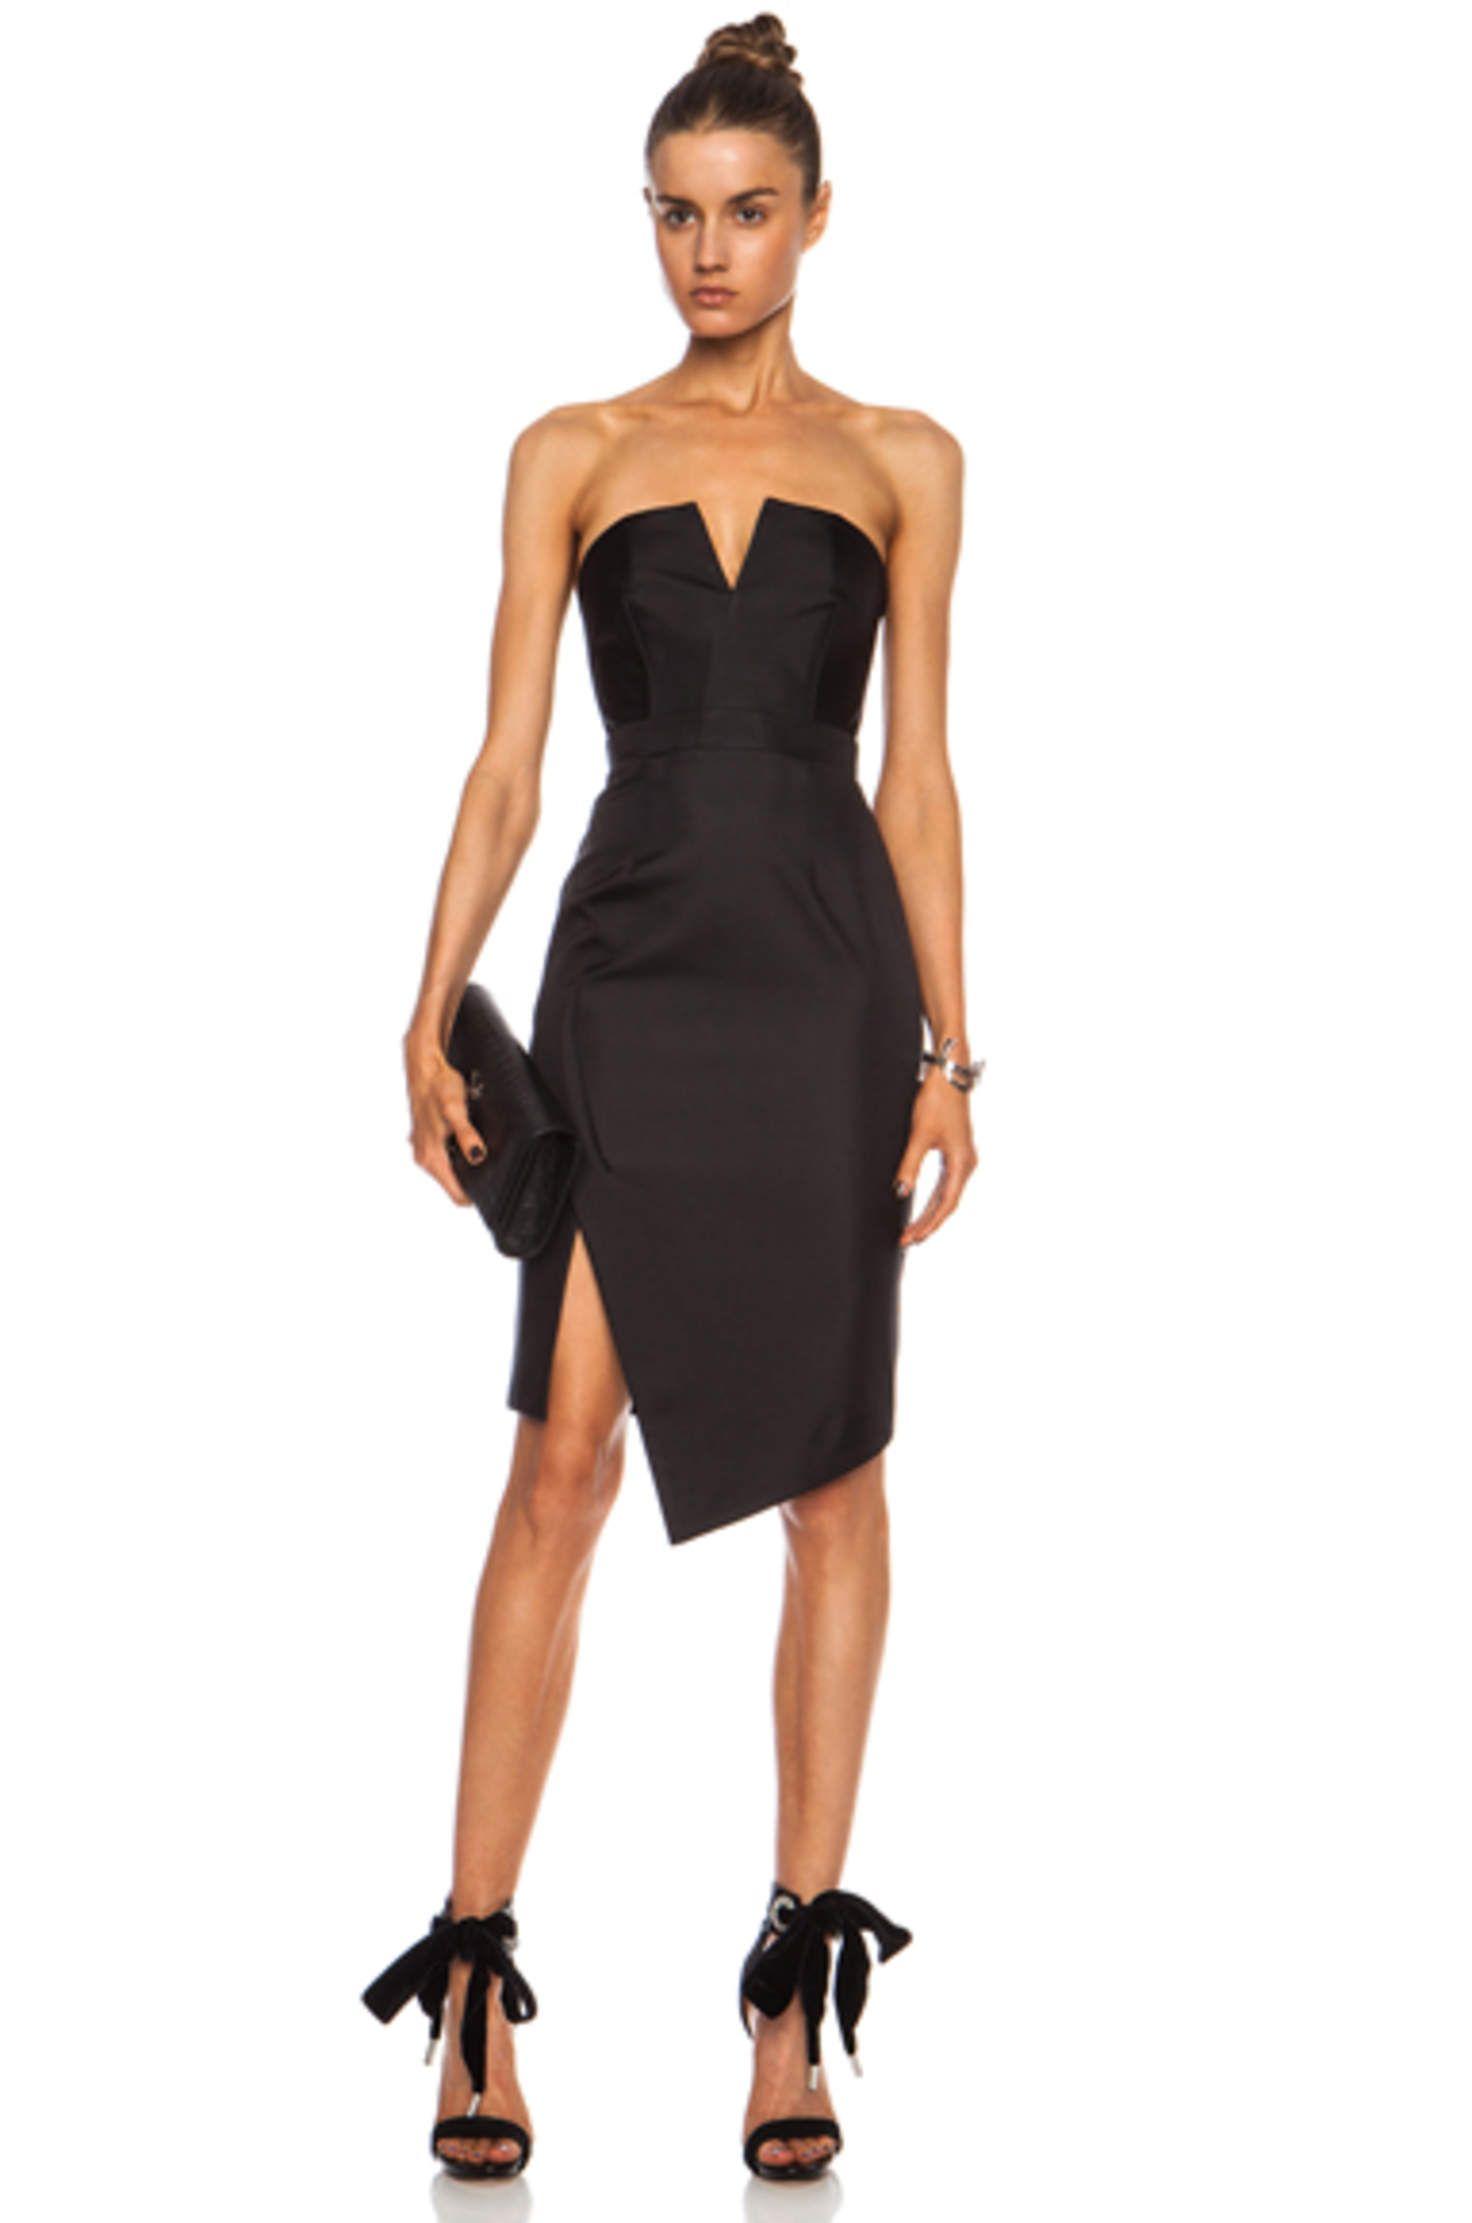 Bonded Silk Strapless Dress In Black Little Black Dress Black Dress Dresses [ 2223 x 1472 Pixel ]